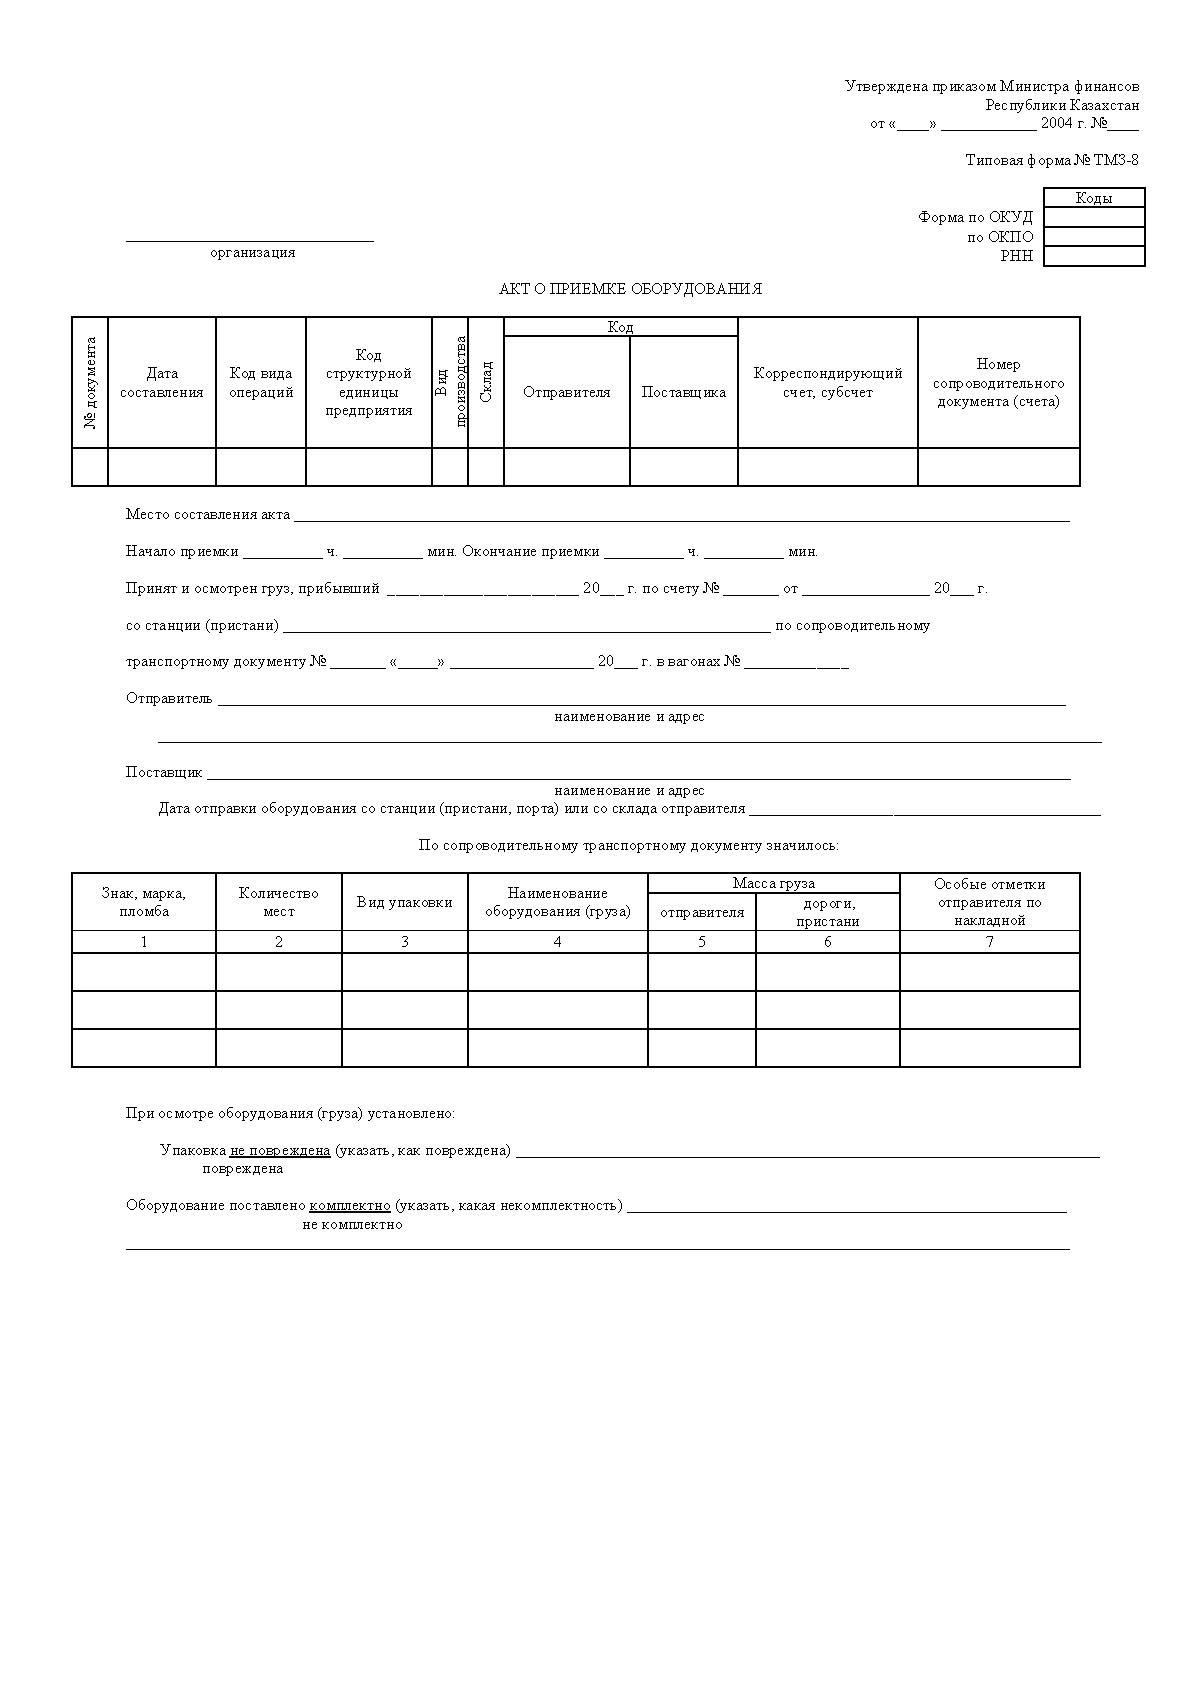 Акт приема-передачи документов - образец, бланк, форма